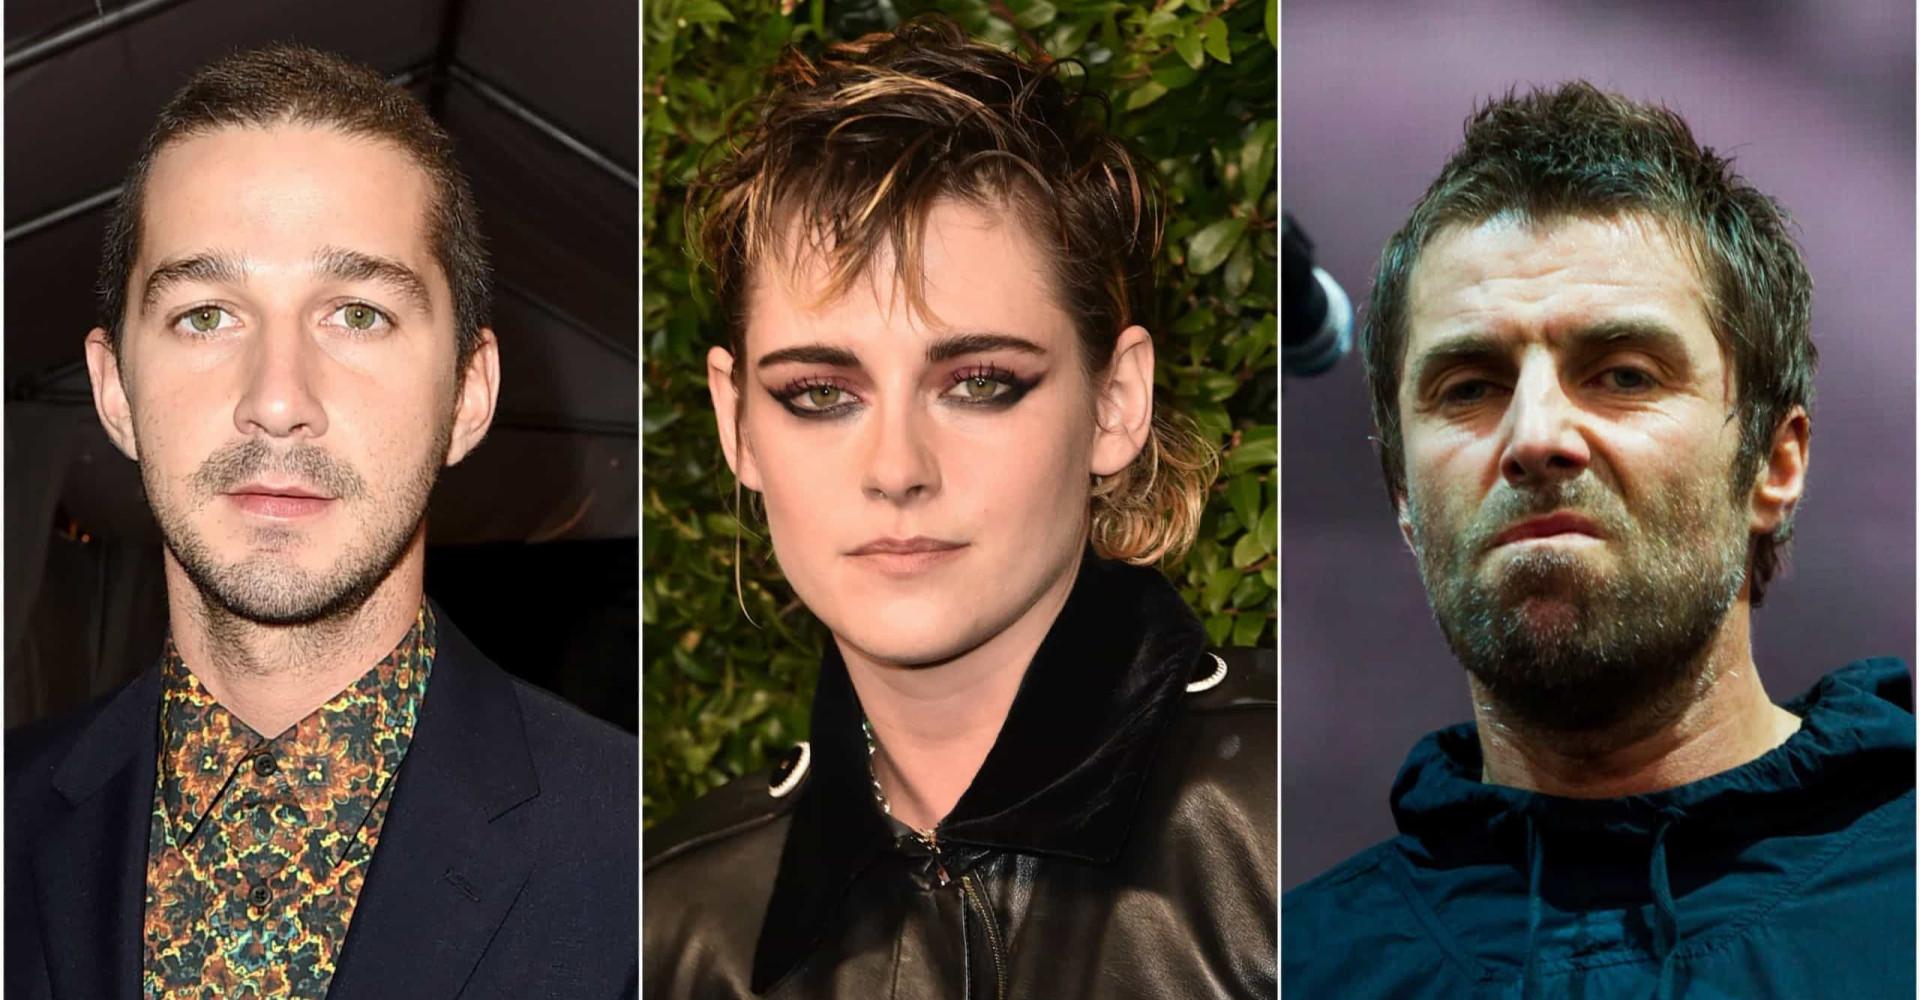 Resmungões? Veja as celebridades que adoram odiar!